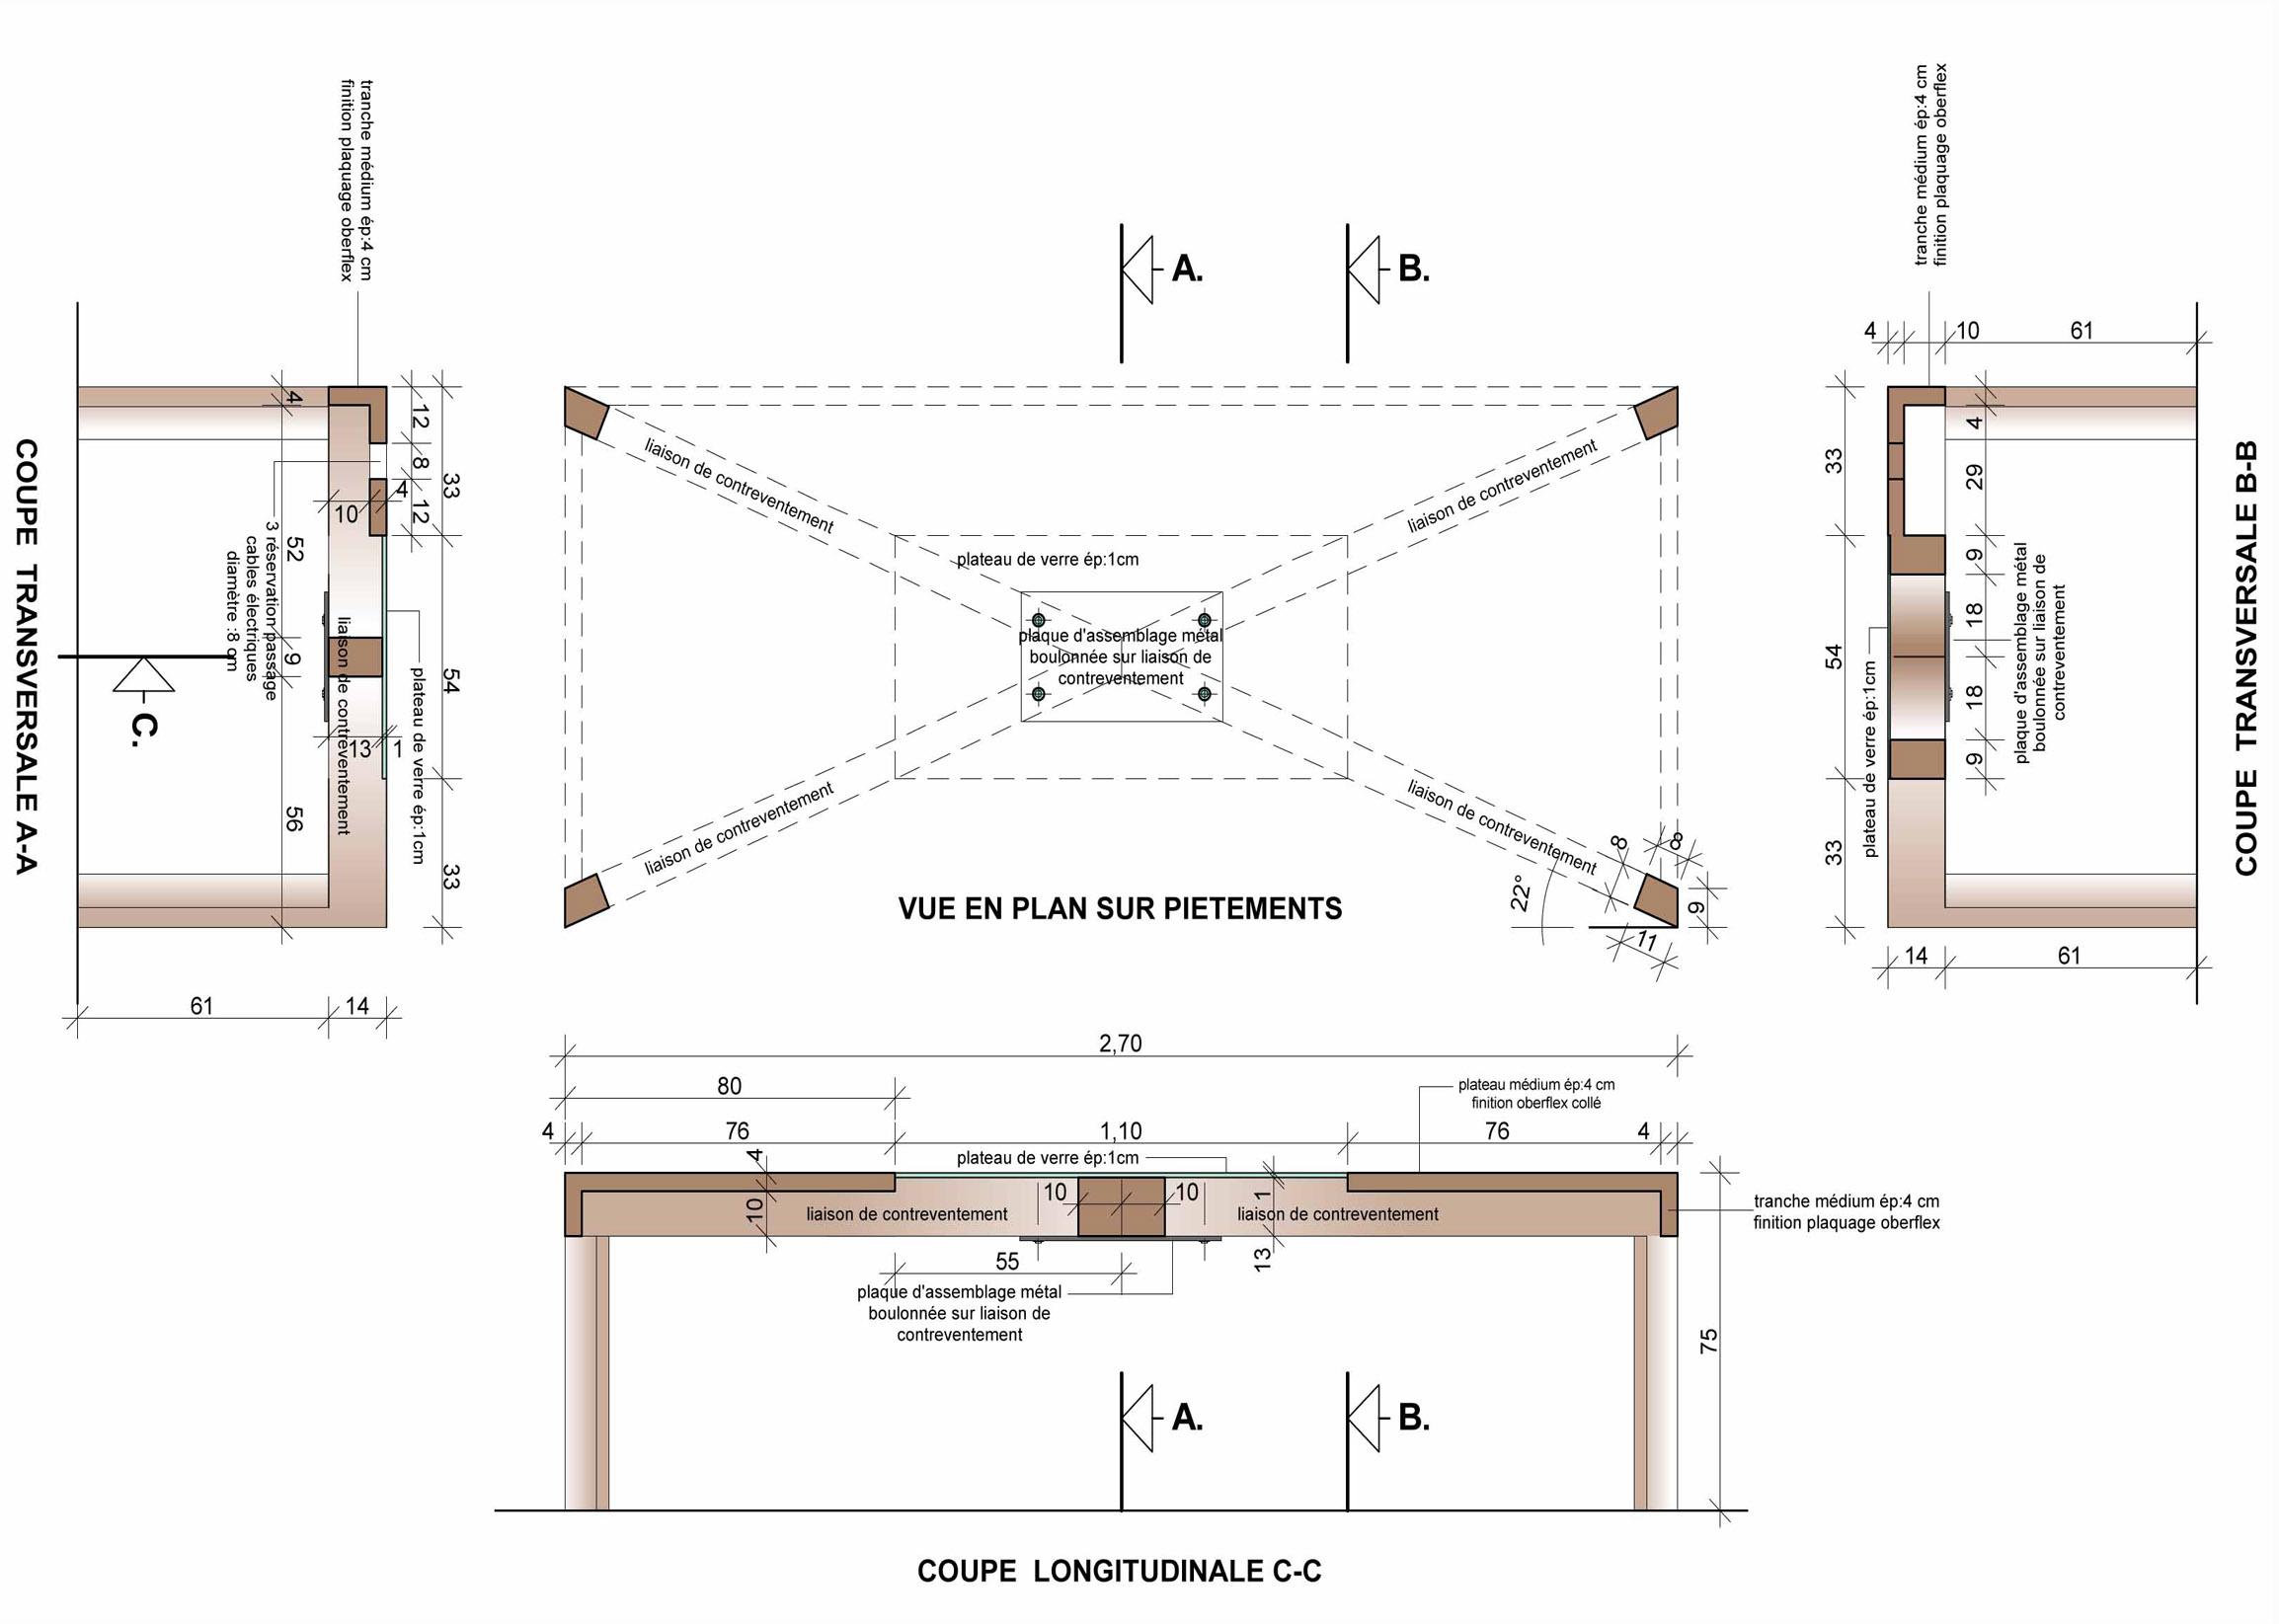 PLANCHE DETAIL 2 DE CONSTRUCTION